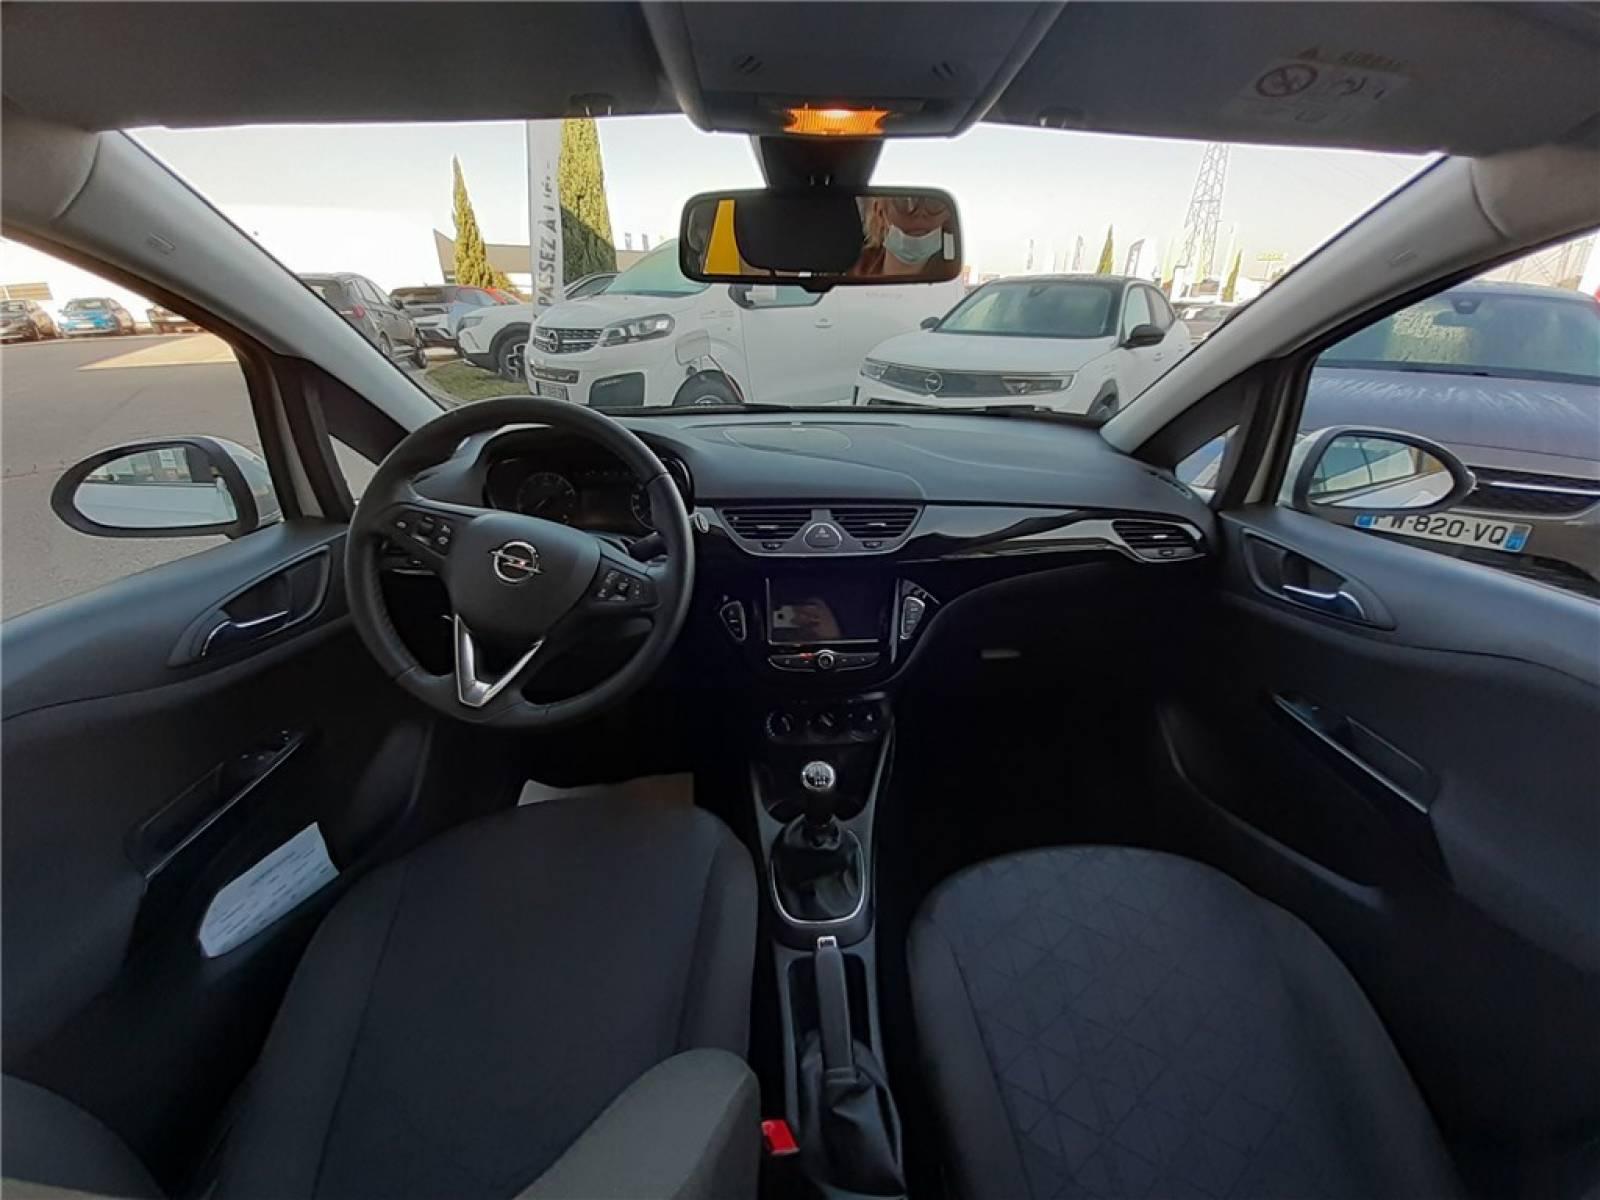 OPEL Corsa 1.0 Ecotec Turbo 90 ch - véhicule d'occasion - Groupe Guillet - Opel Magicauto - Chalon-sur-Saône - 71380 - Saint-Marcel - 33